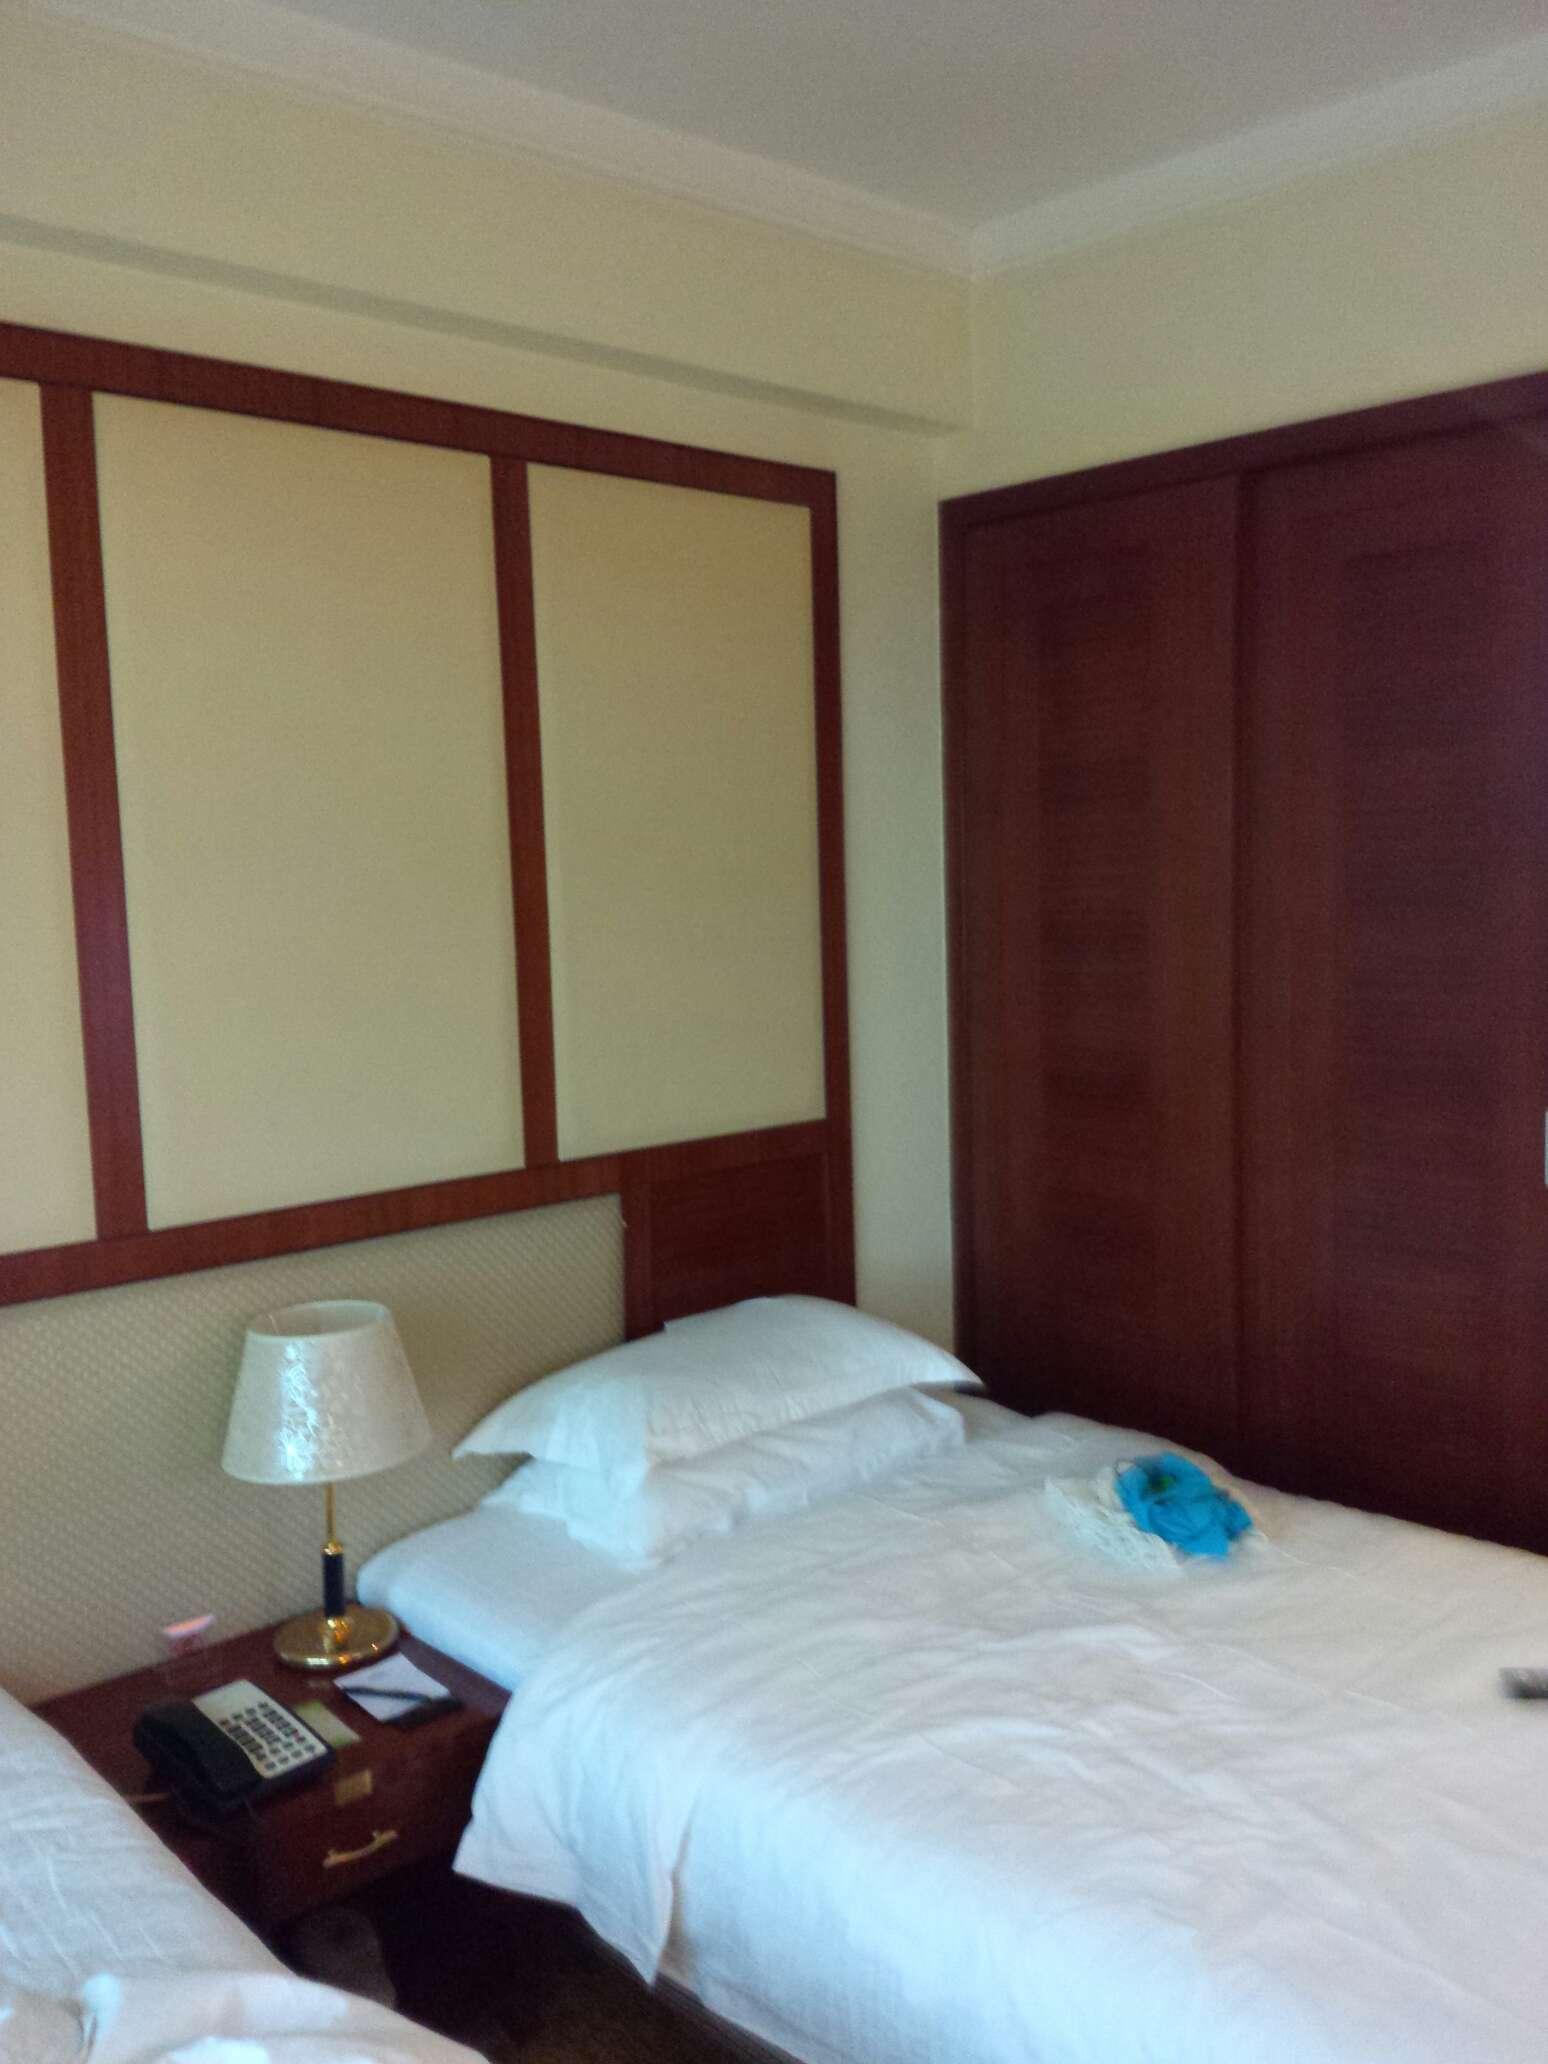 【携程攻略】深圳景田酒店预订价格